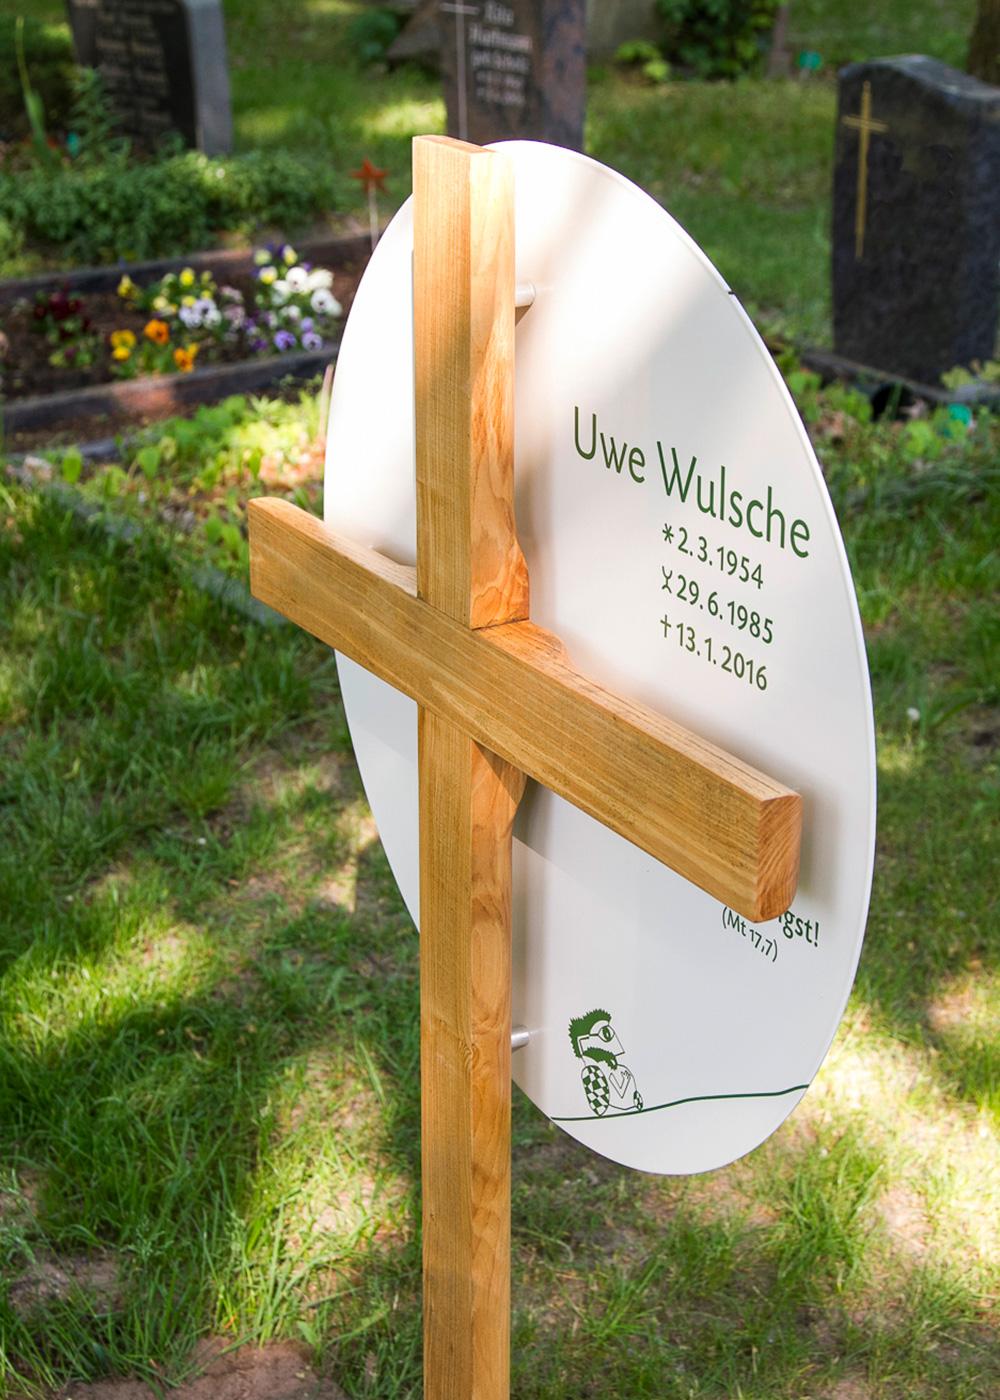 Grabkreuz aus Holz mit großem rundem Emaille-Grabschild als individuelle Anfertigung